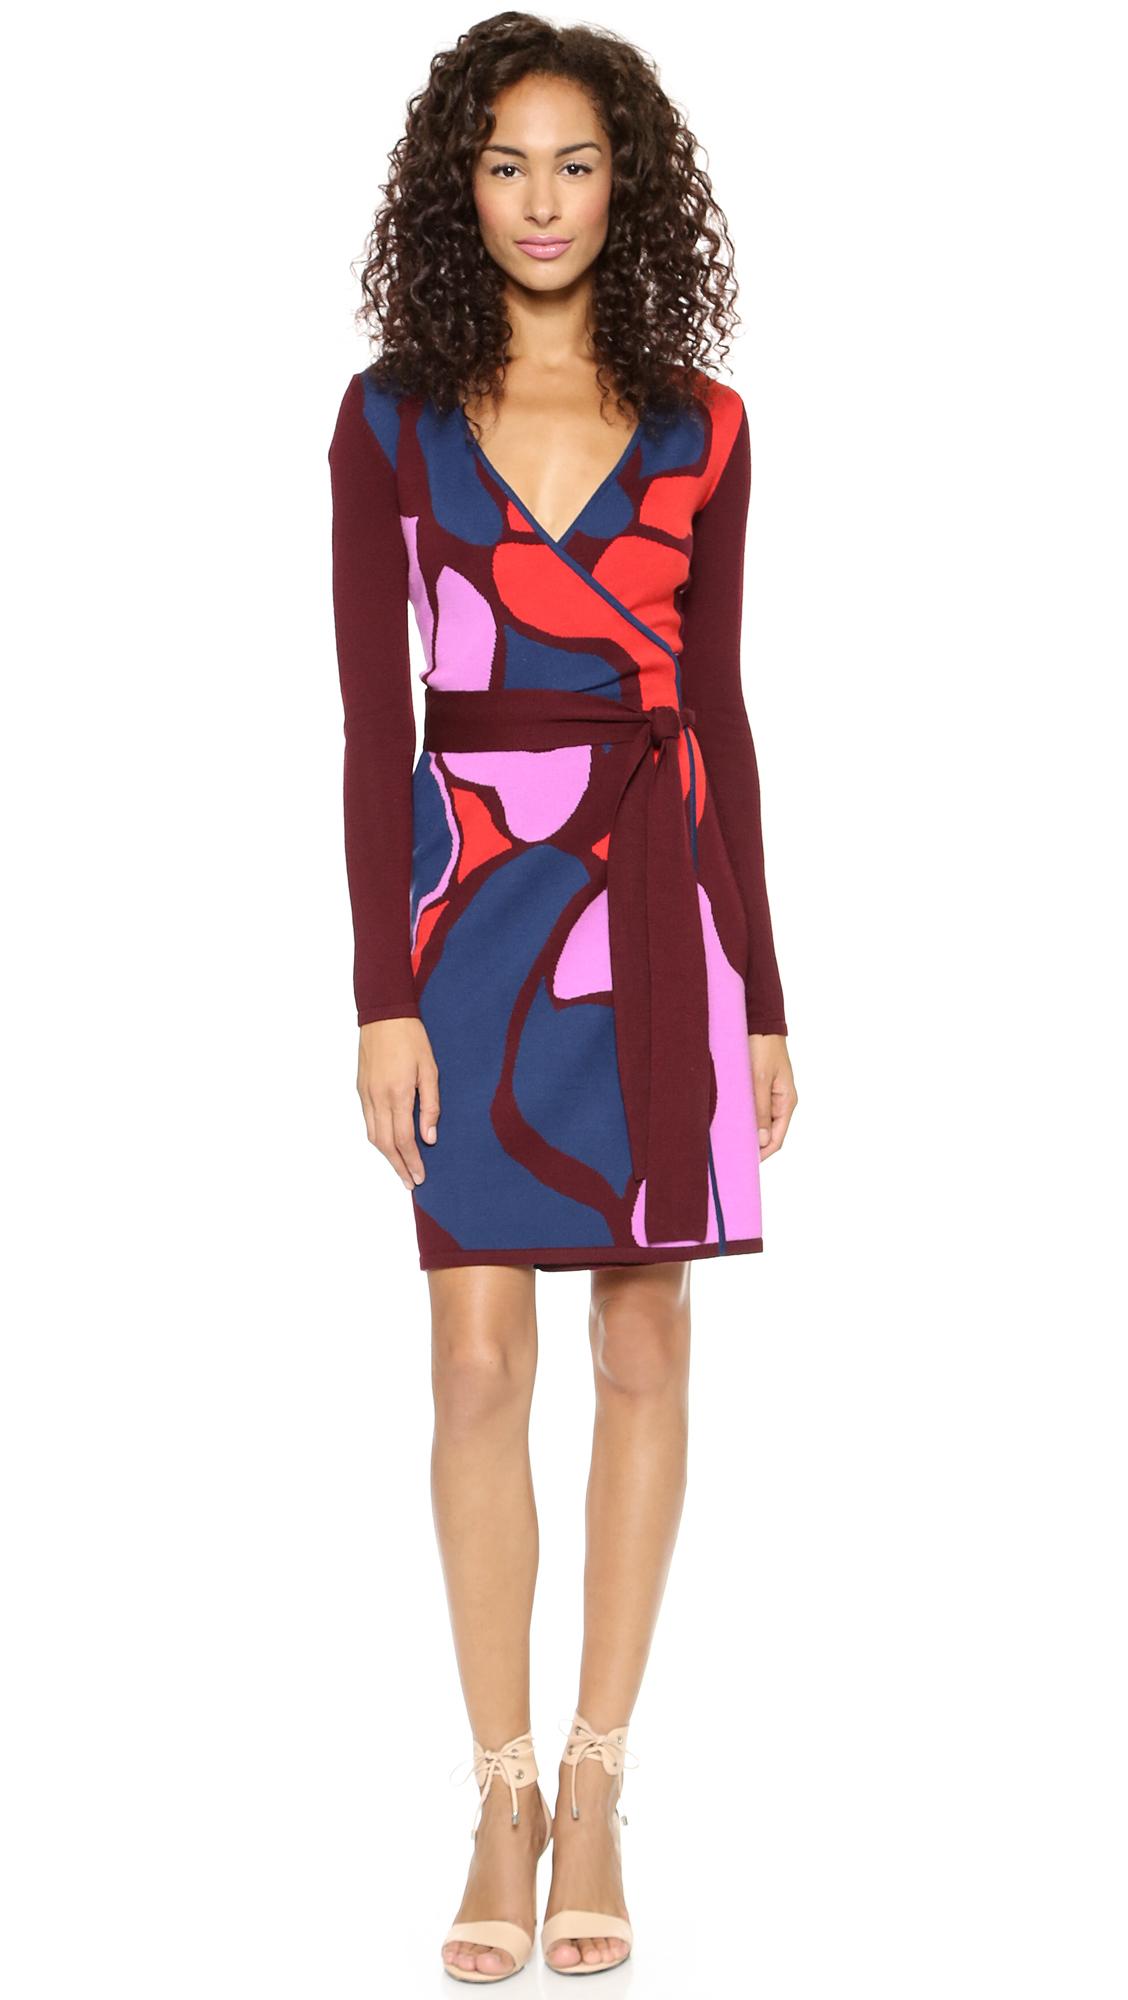 Diane von Furstenberg Linda Wrap Dress   Fancy Friday - Diane von Furstenberg Wrap Dresses